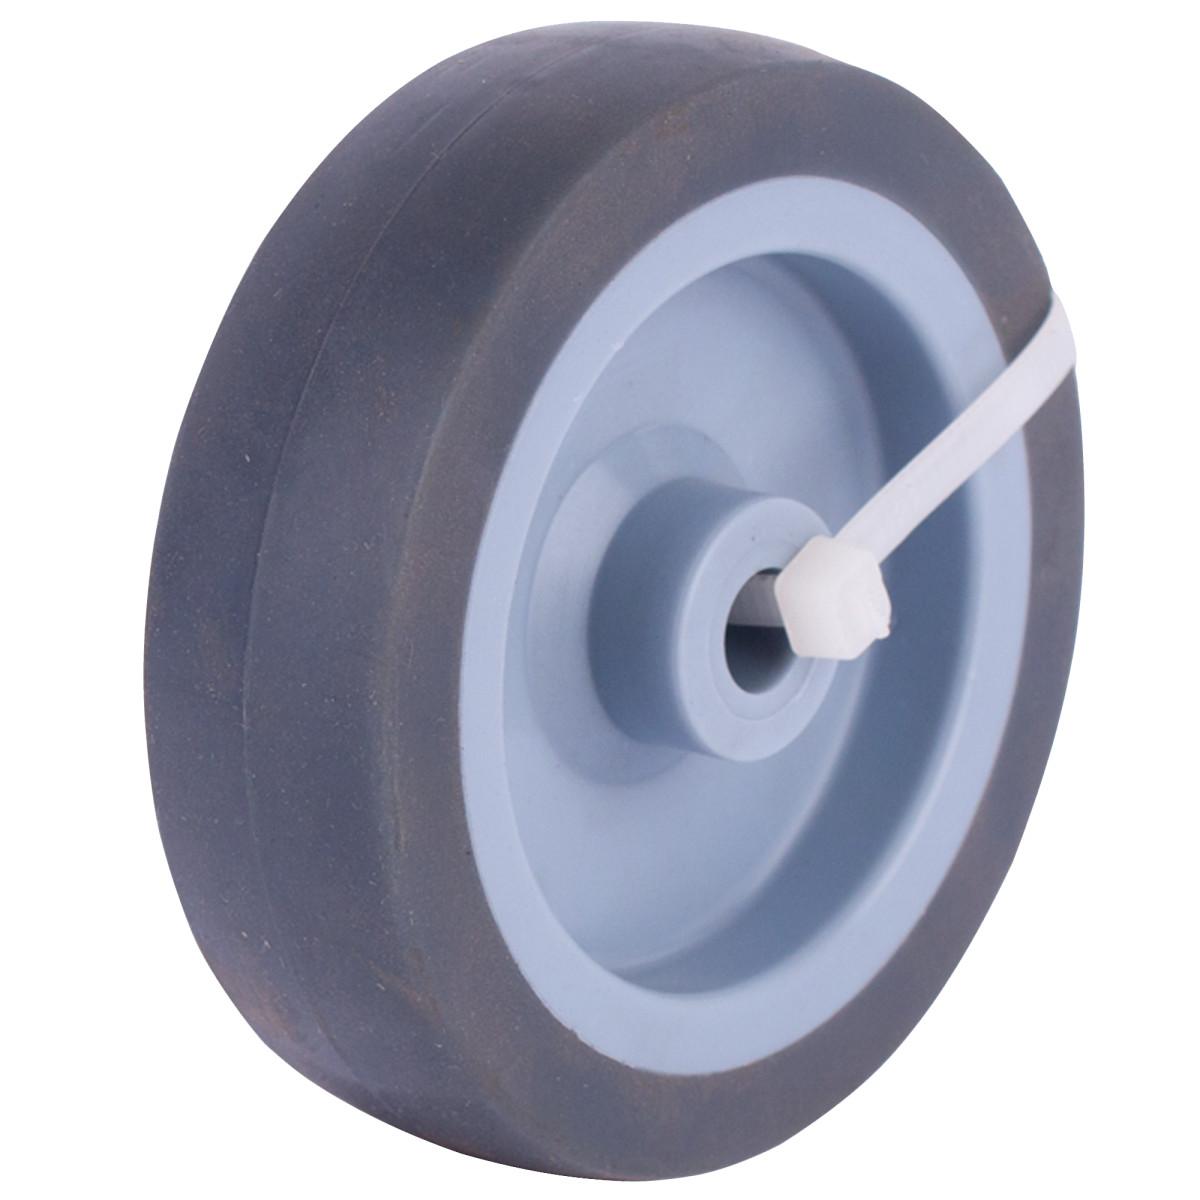 Колесо без тормоза 75 мм до 50 кг